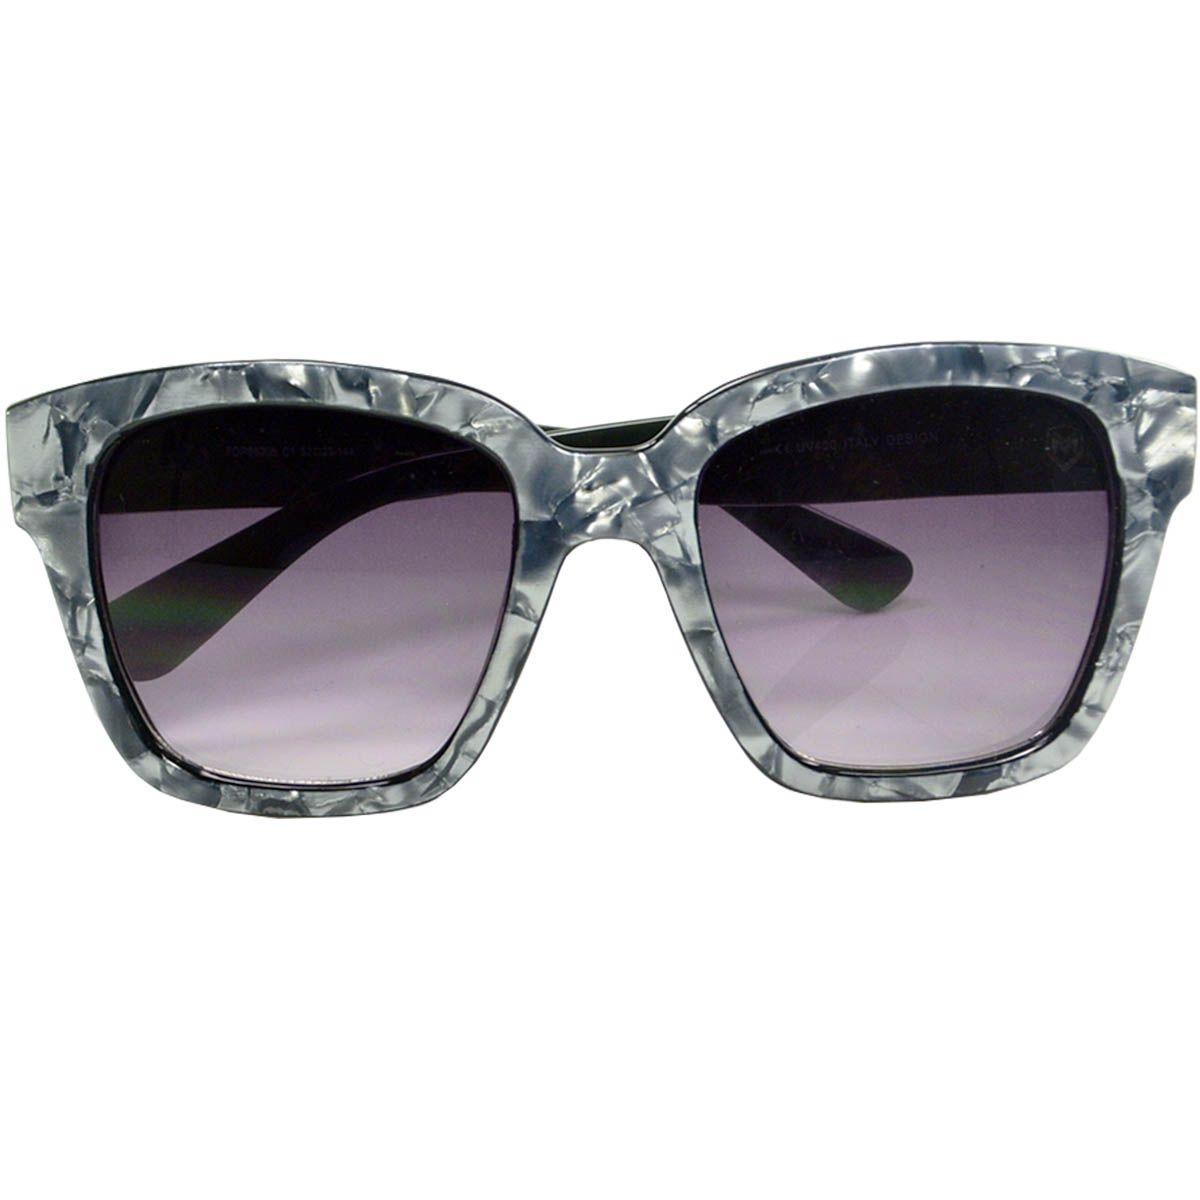 Óculos de Sol Feminino Mackage MK86005 Mármorizado